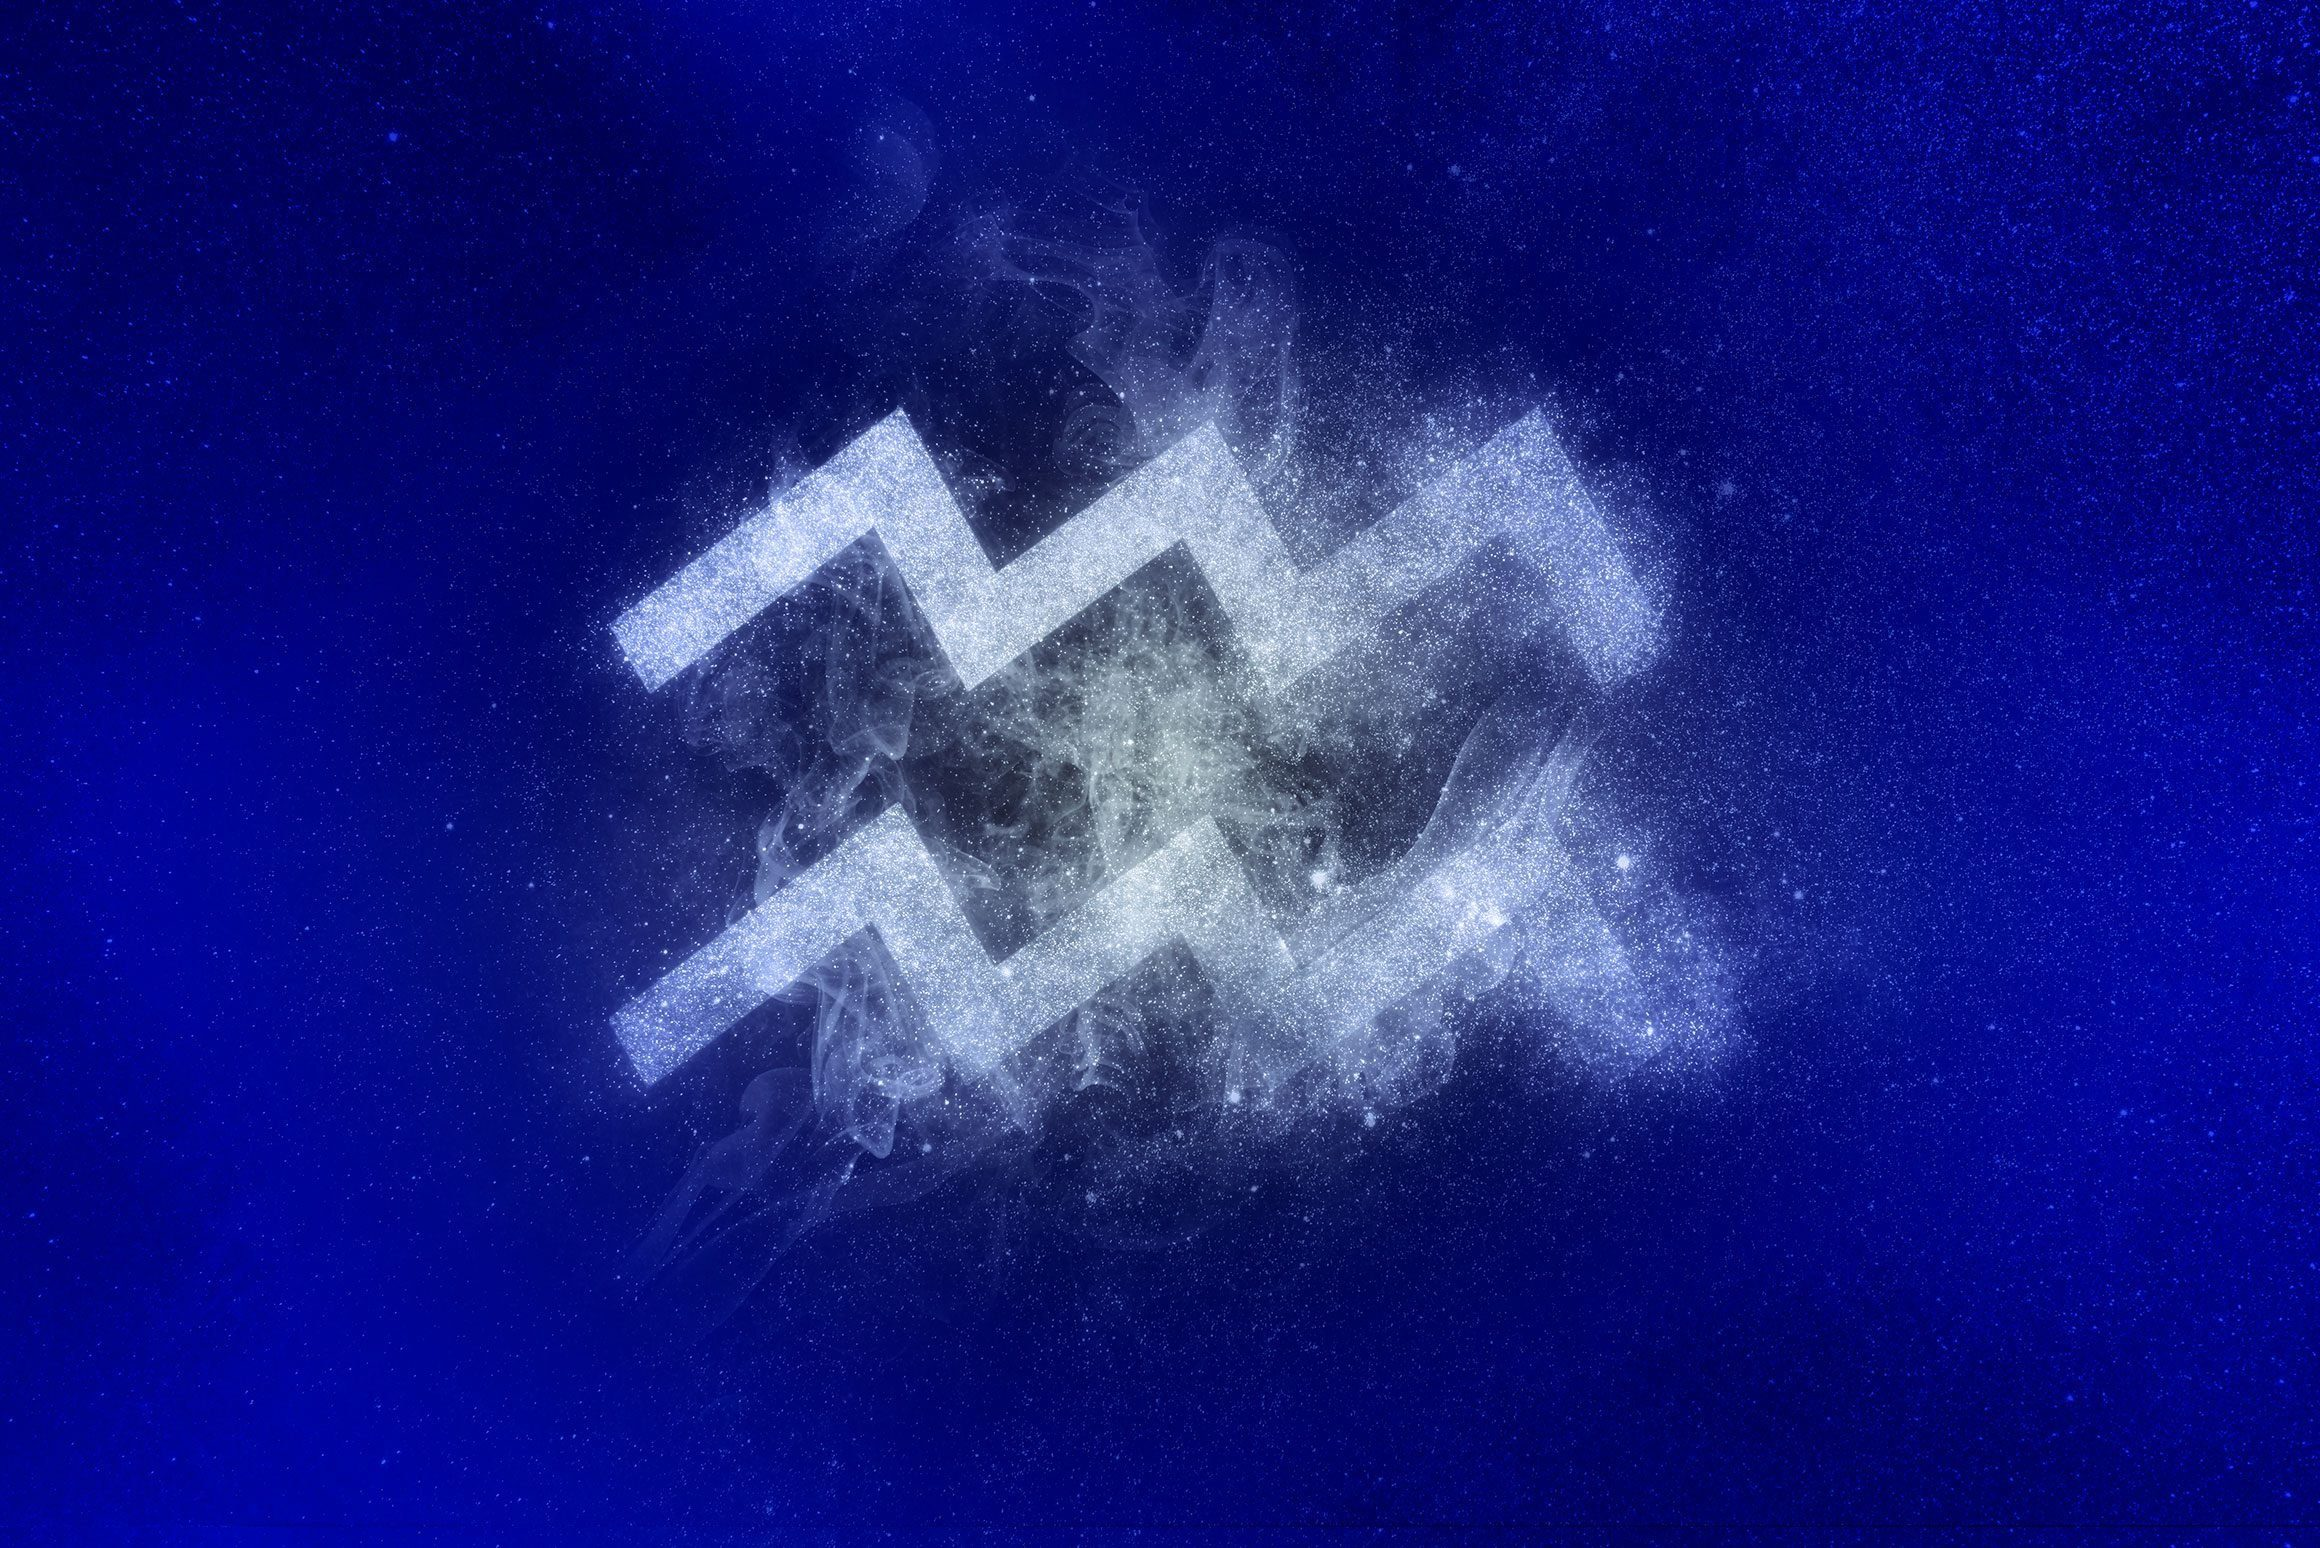 aquarius zodiac symbol in winter colors